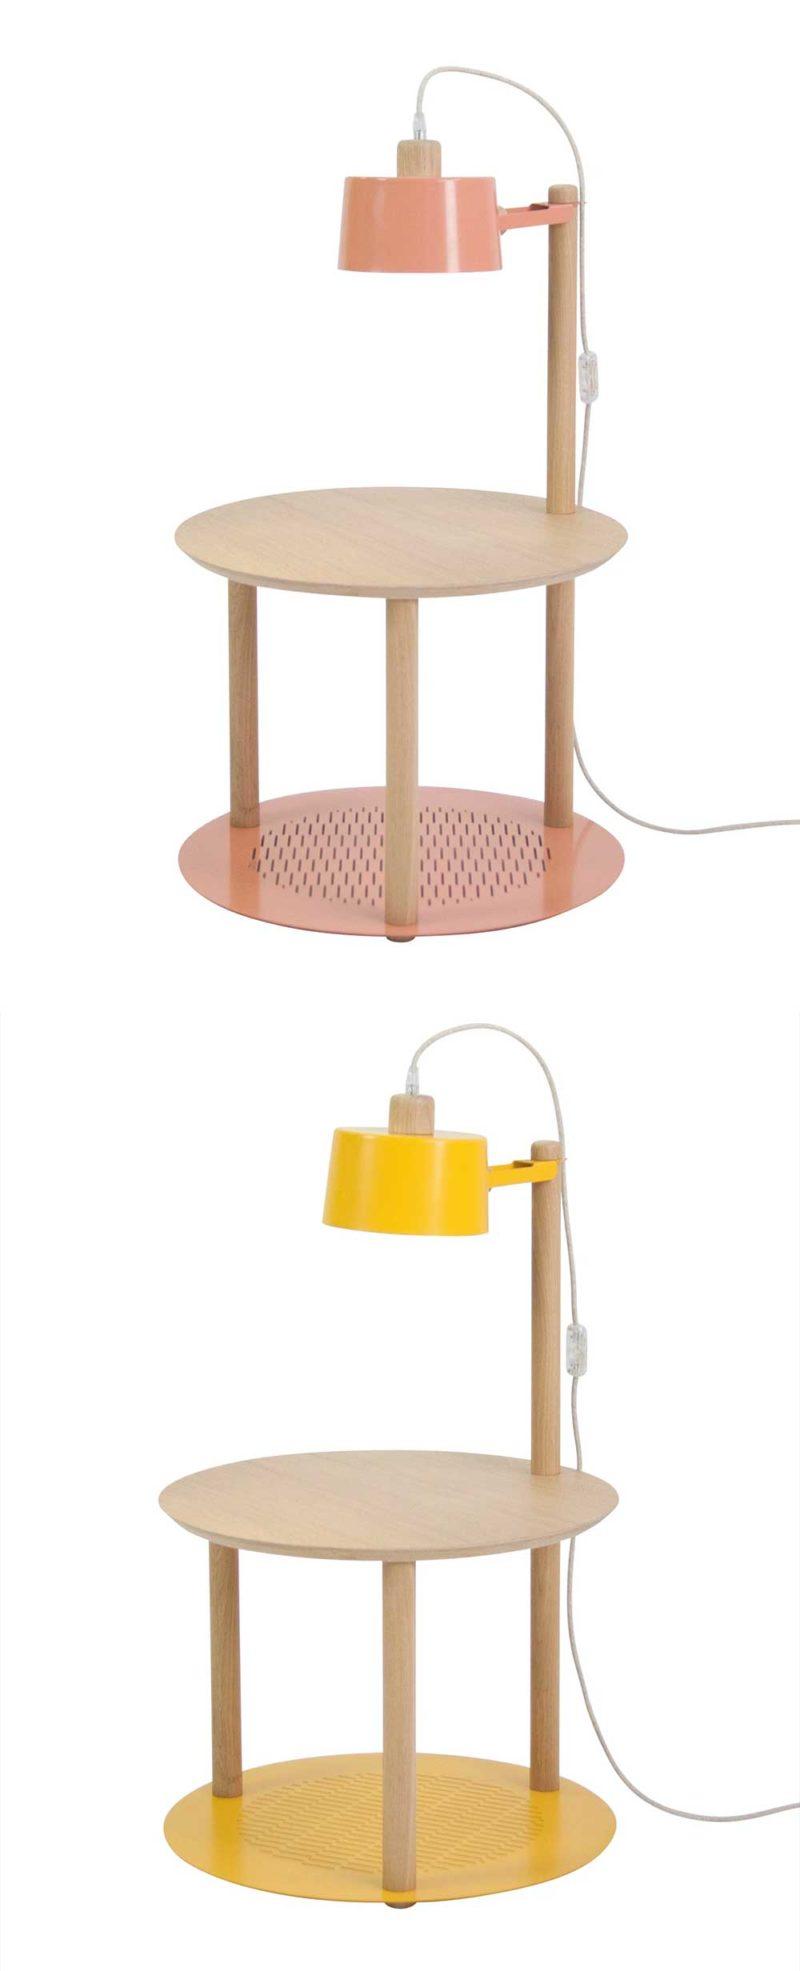 Meuble chevet avec lampe intégrée